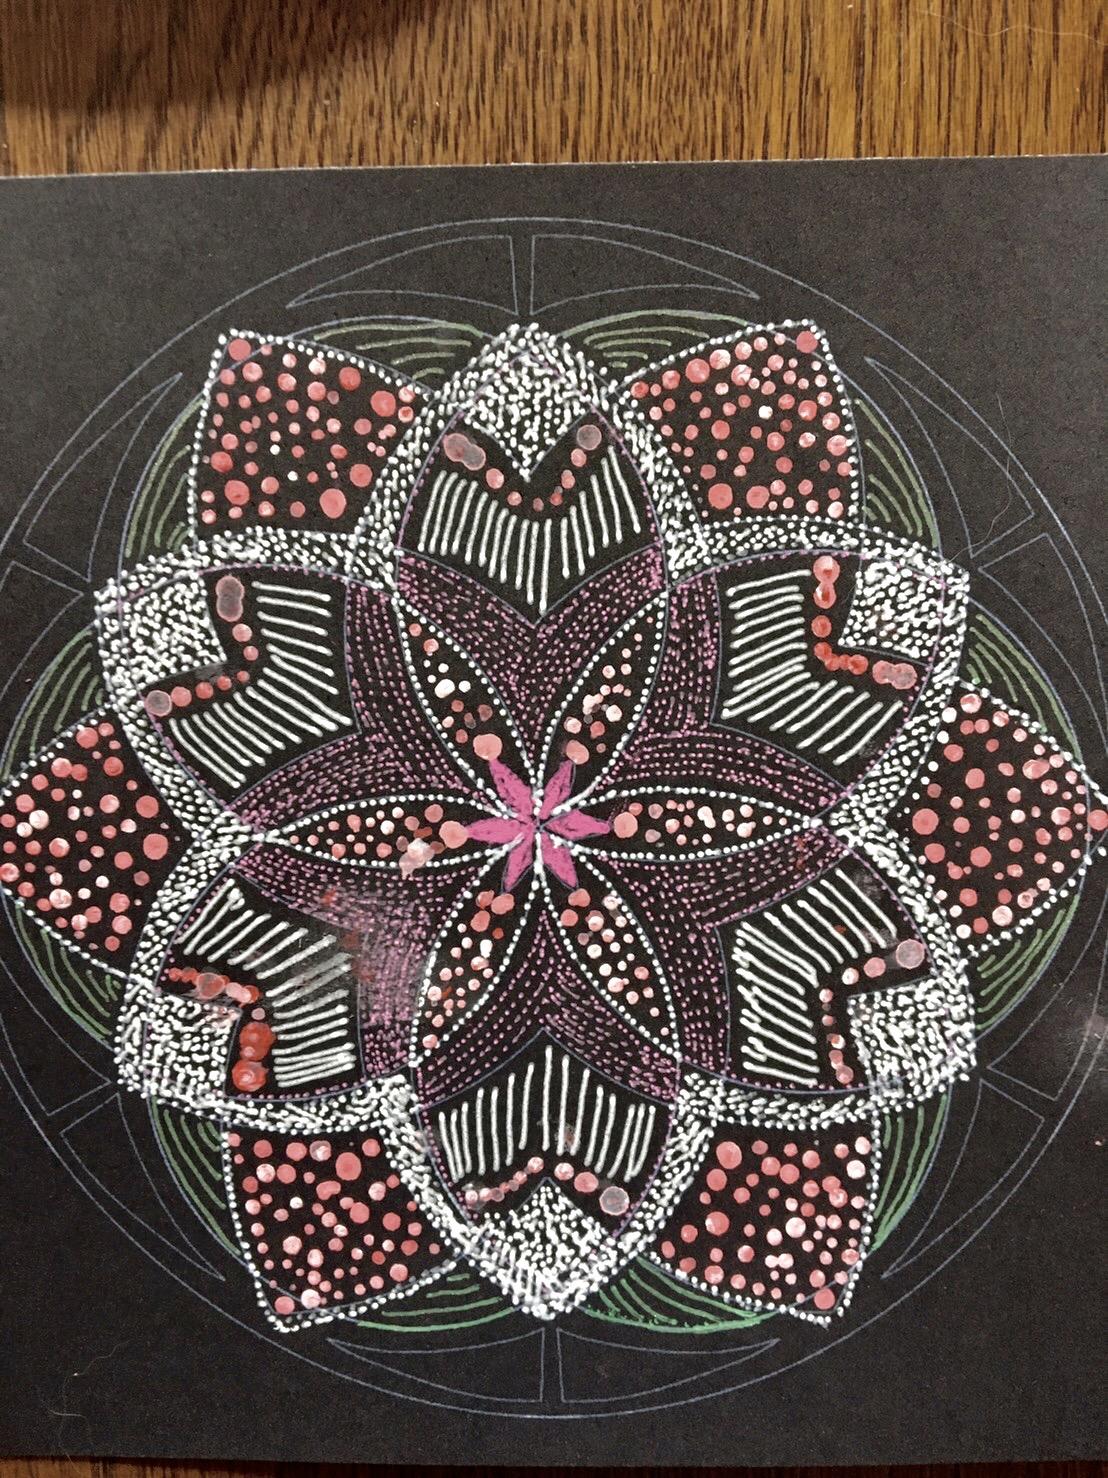 点描曼荼羅アートの作品